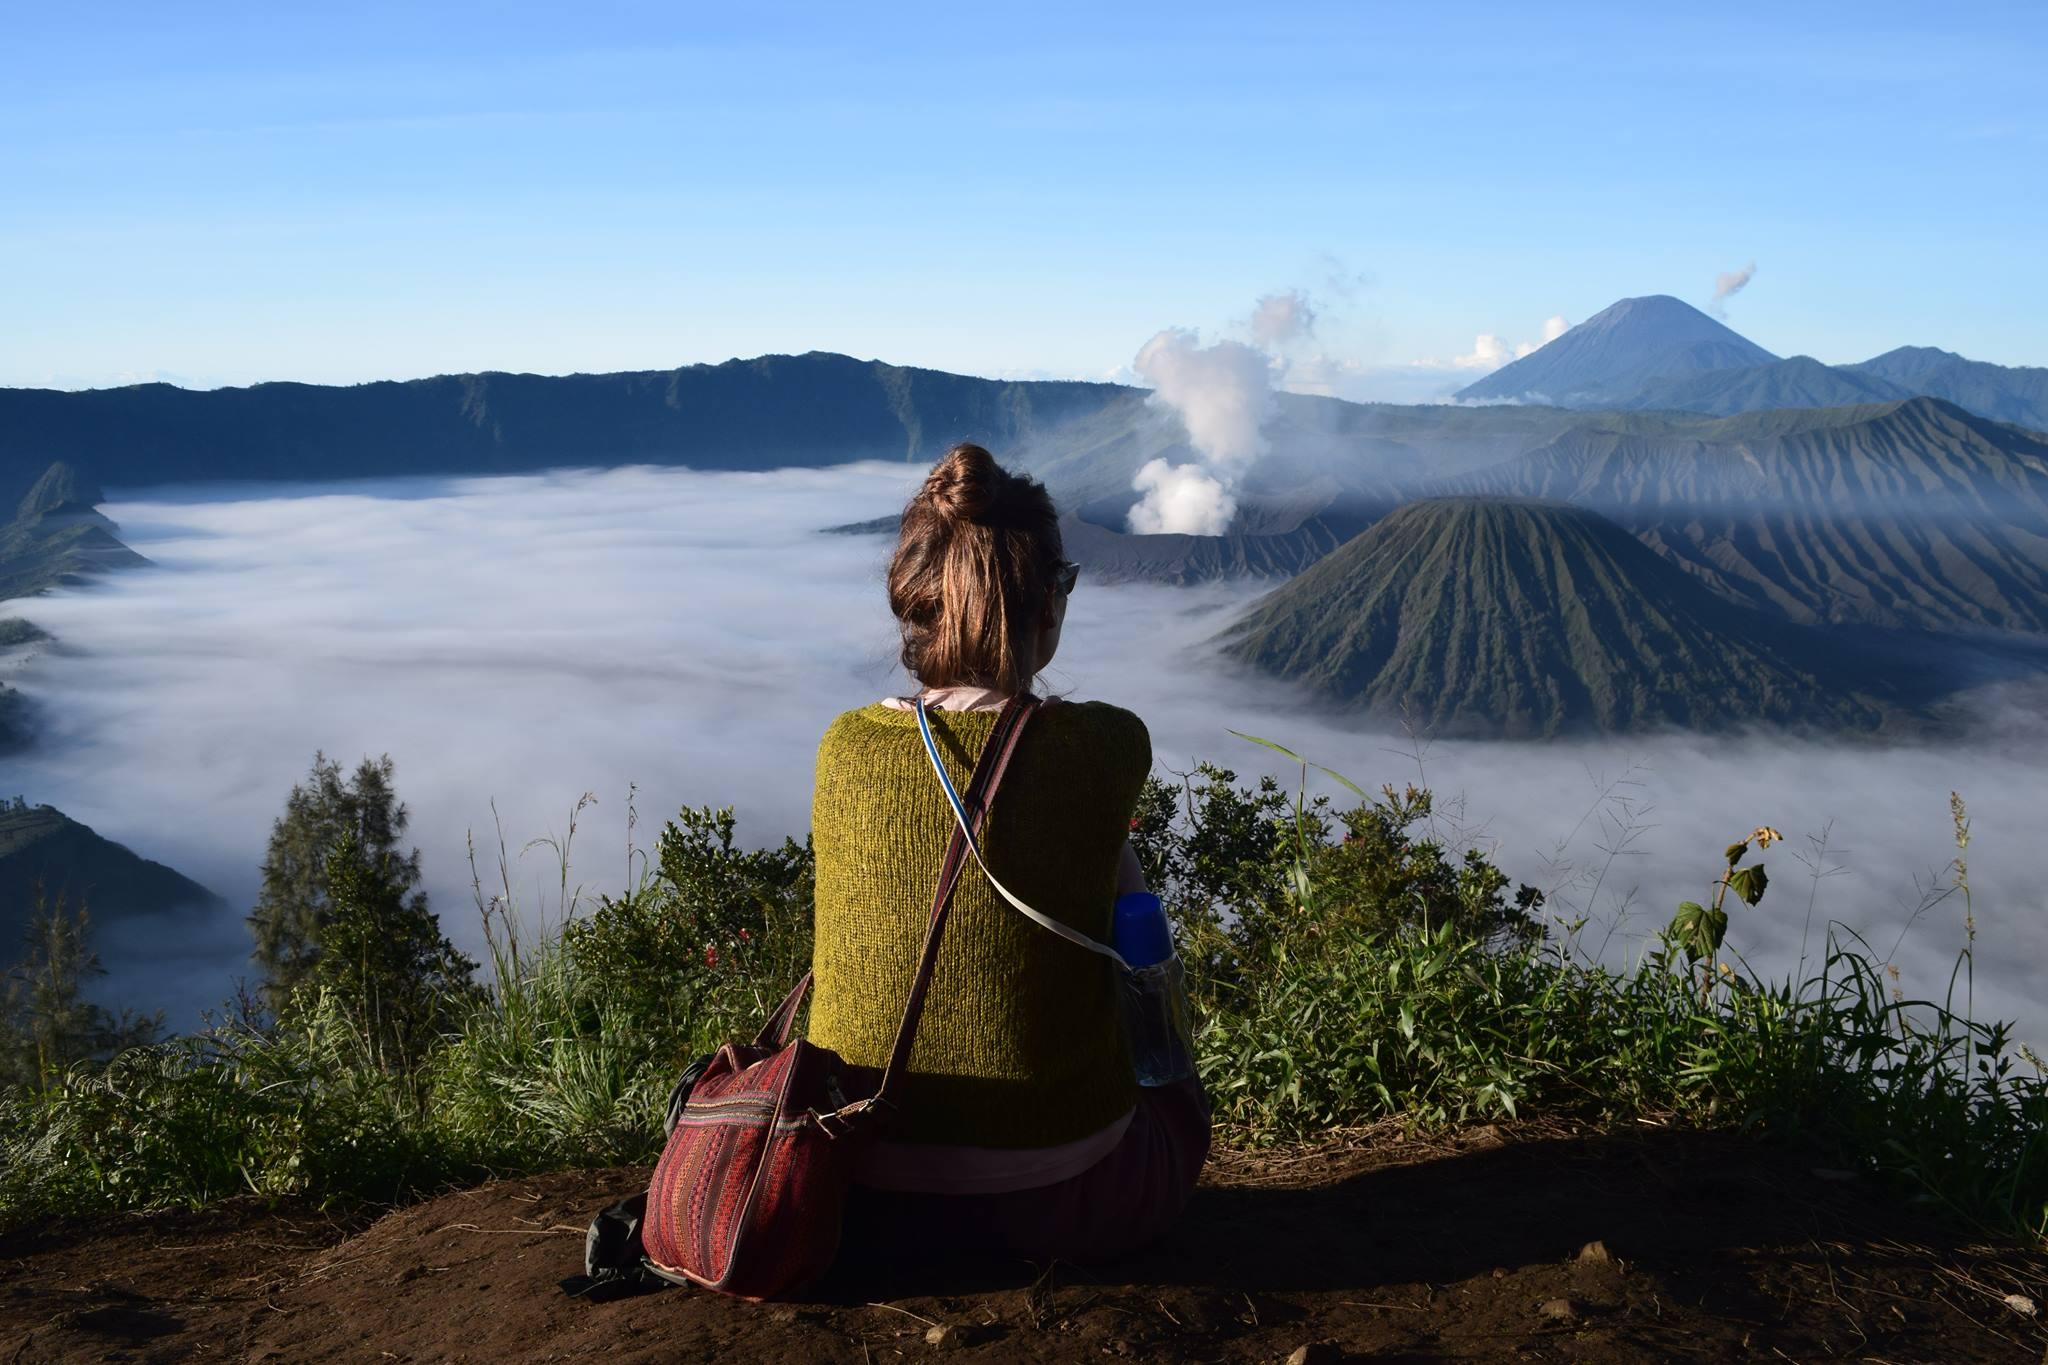 Karīna un saullēkts pār Bromo (vulkāns Indonēzjiā). Šis foto nu jau izvazāts pa visiem medijiem!